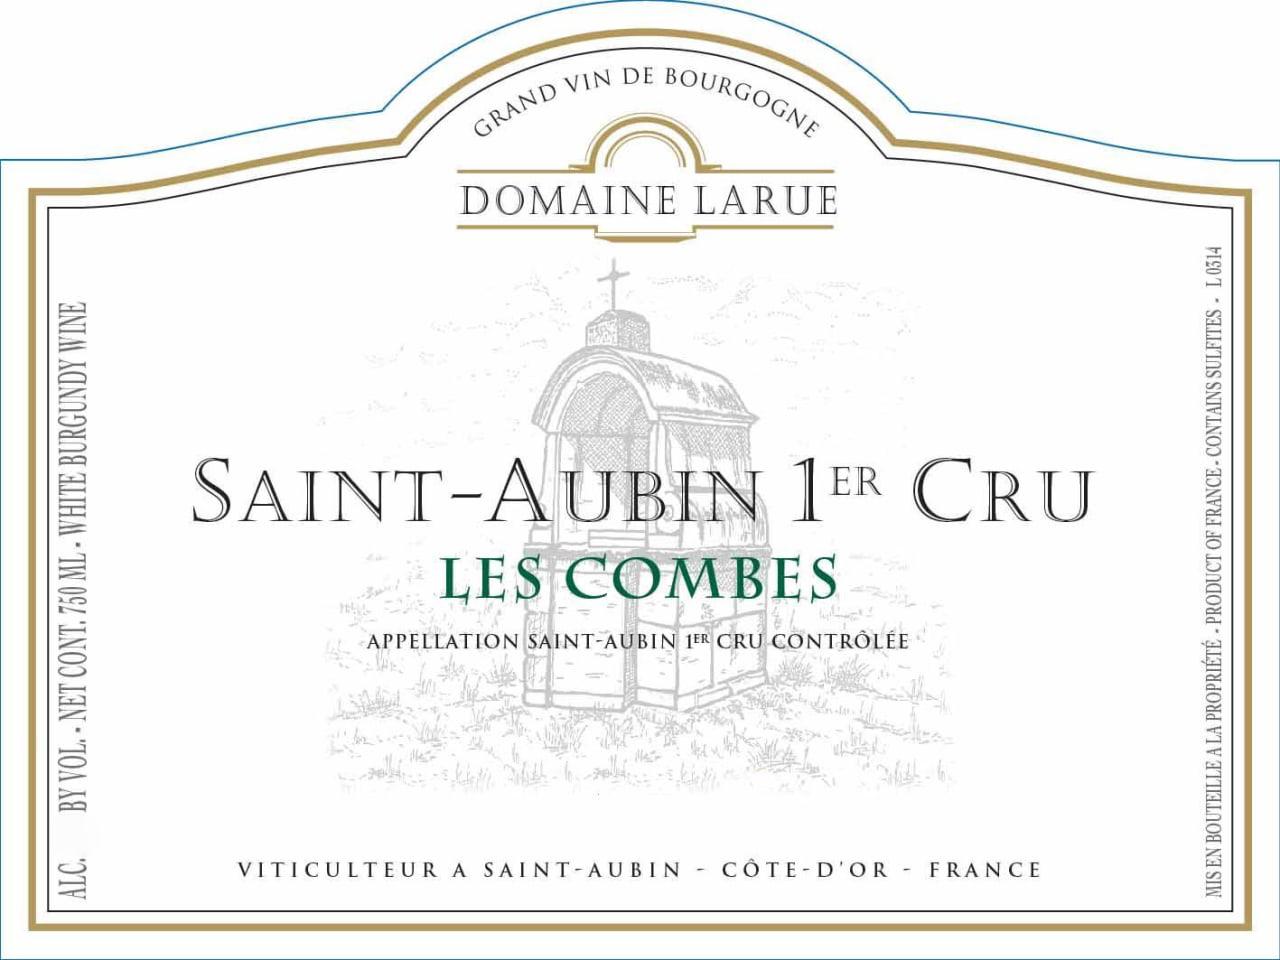 Domaine Larue St. Aubin Les Combes 2017